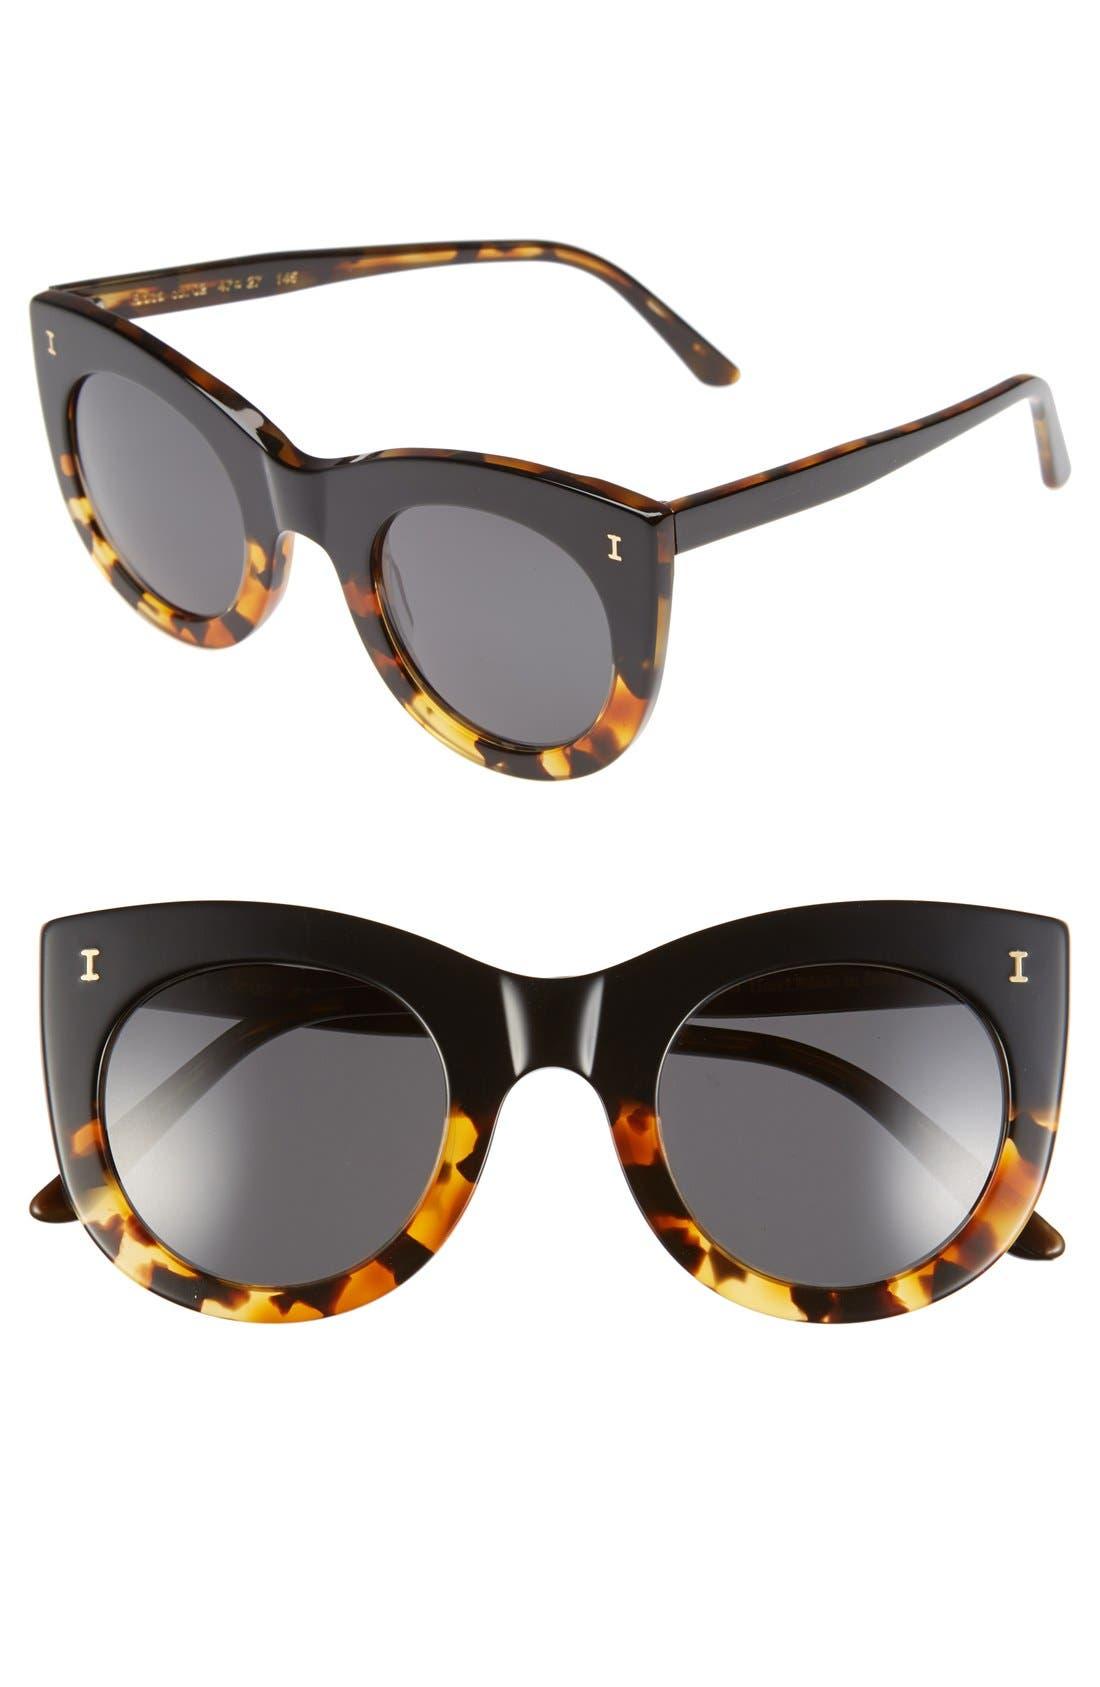 Main Image - Illesteva 'Boca' 47mm Round Sunglasses